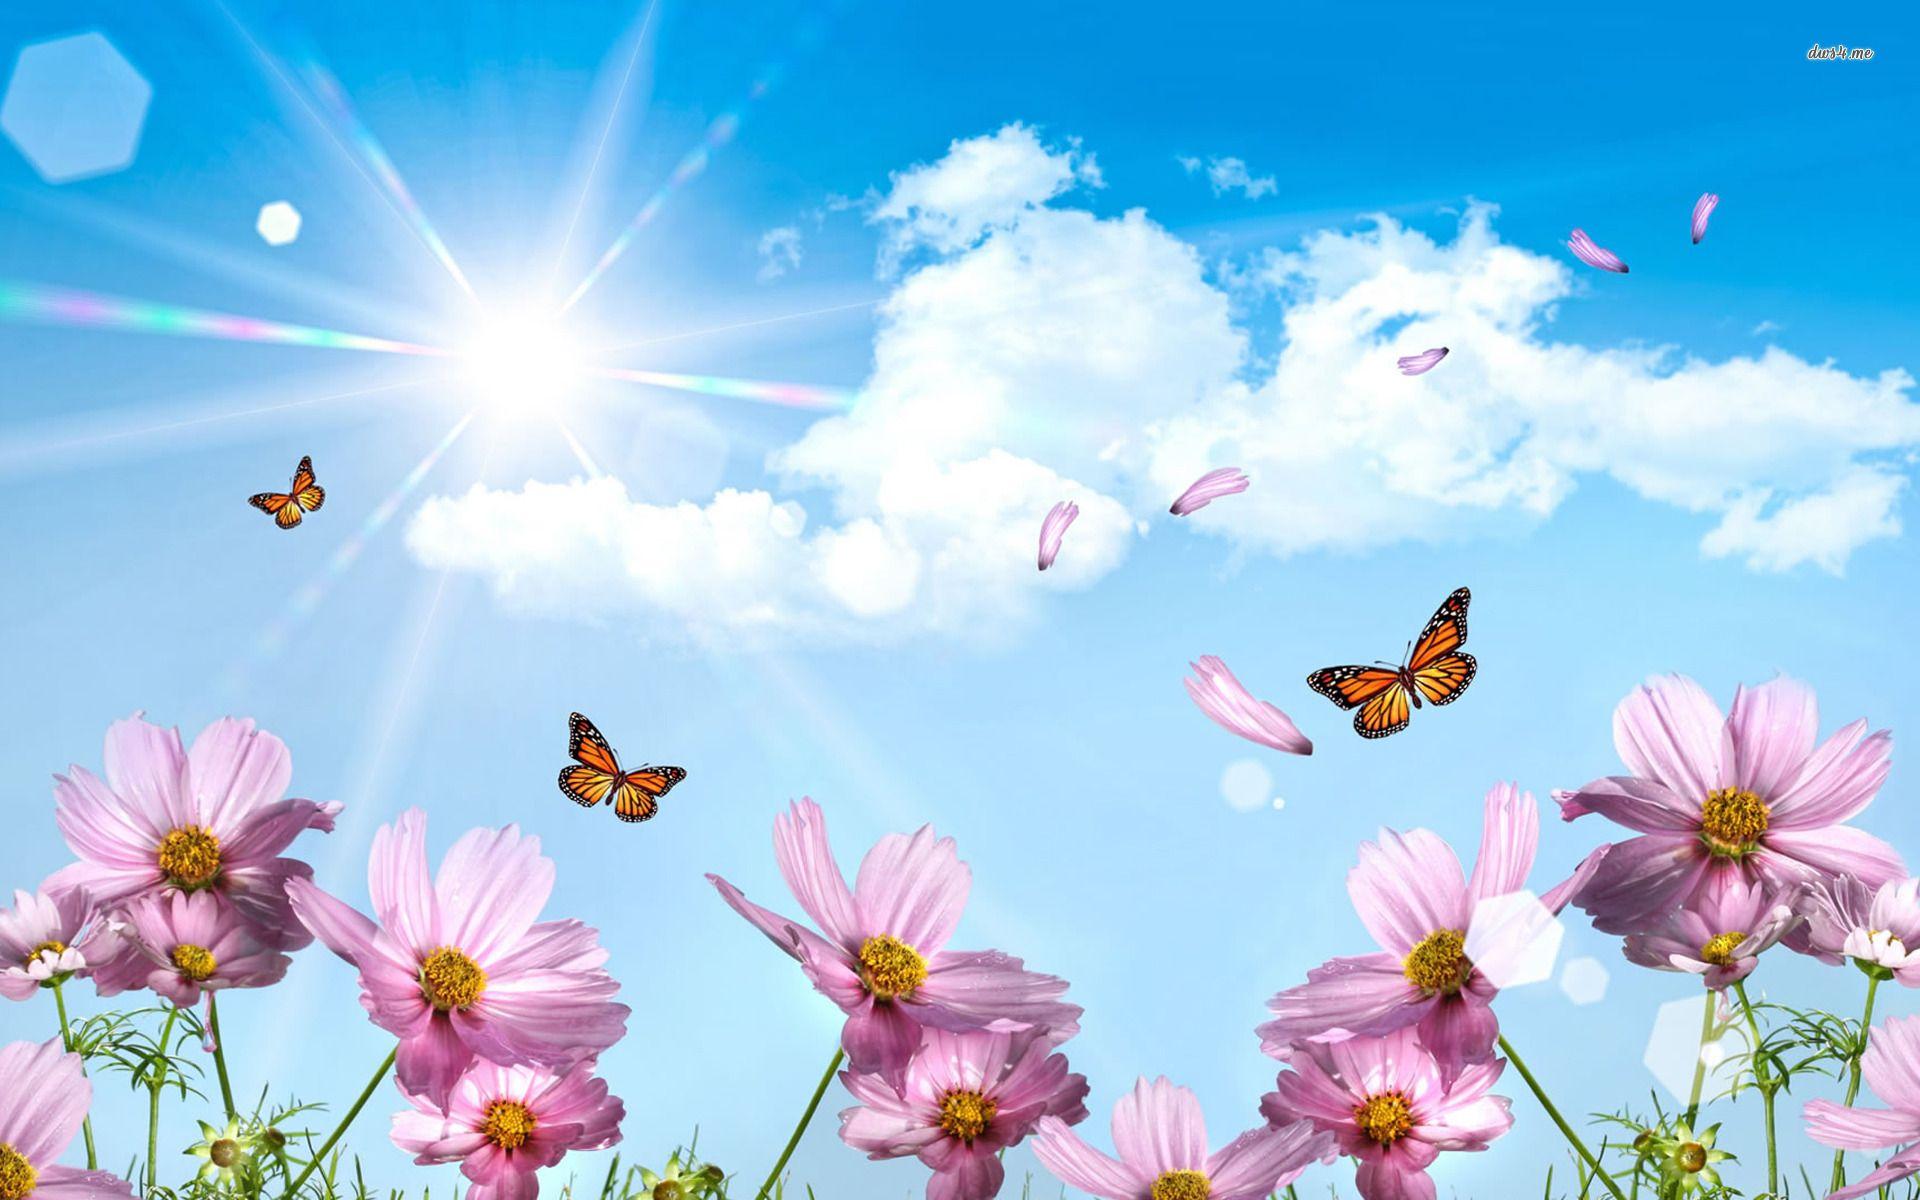 Spring Butterfly Wallpaper Desktop Outdoors Wallpaper 1080p Summer Wallpaper Spring Wallpaper Butterfly Wallpaper